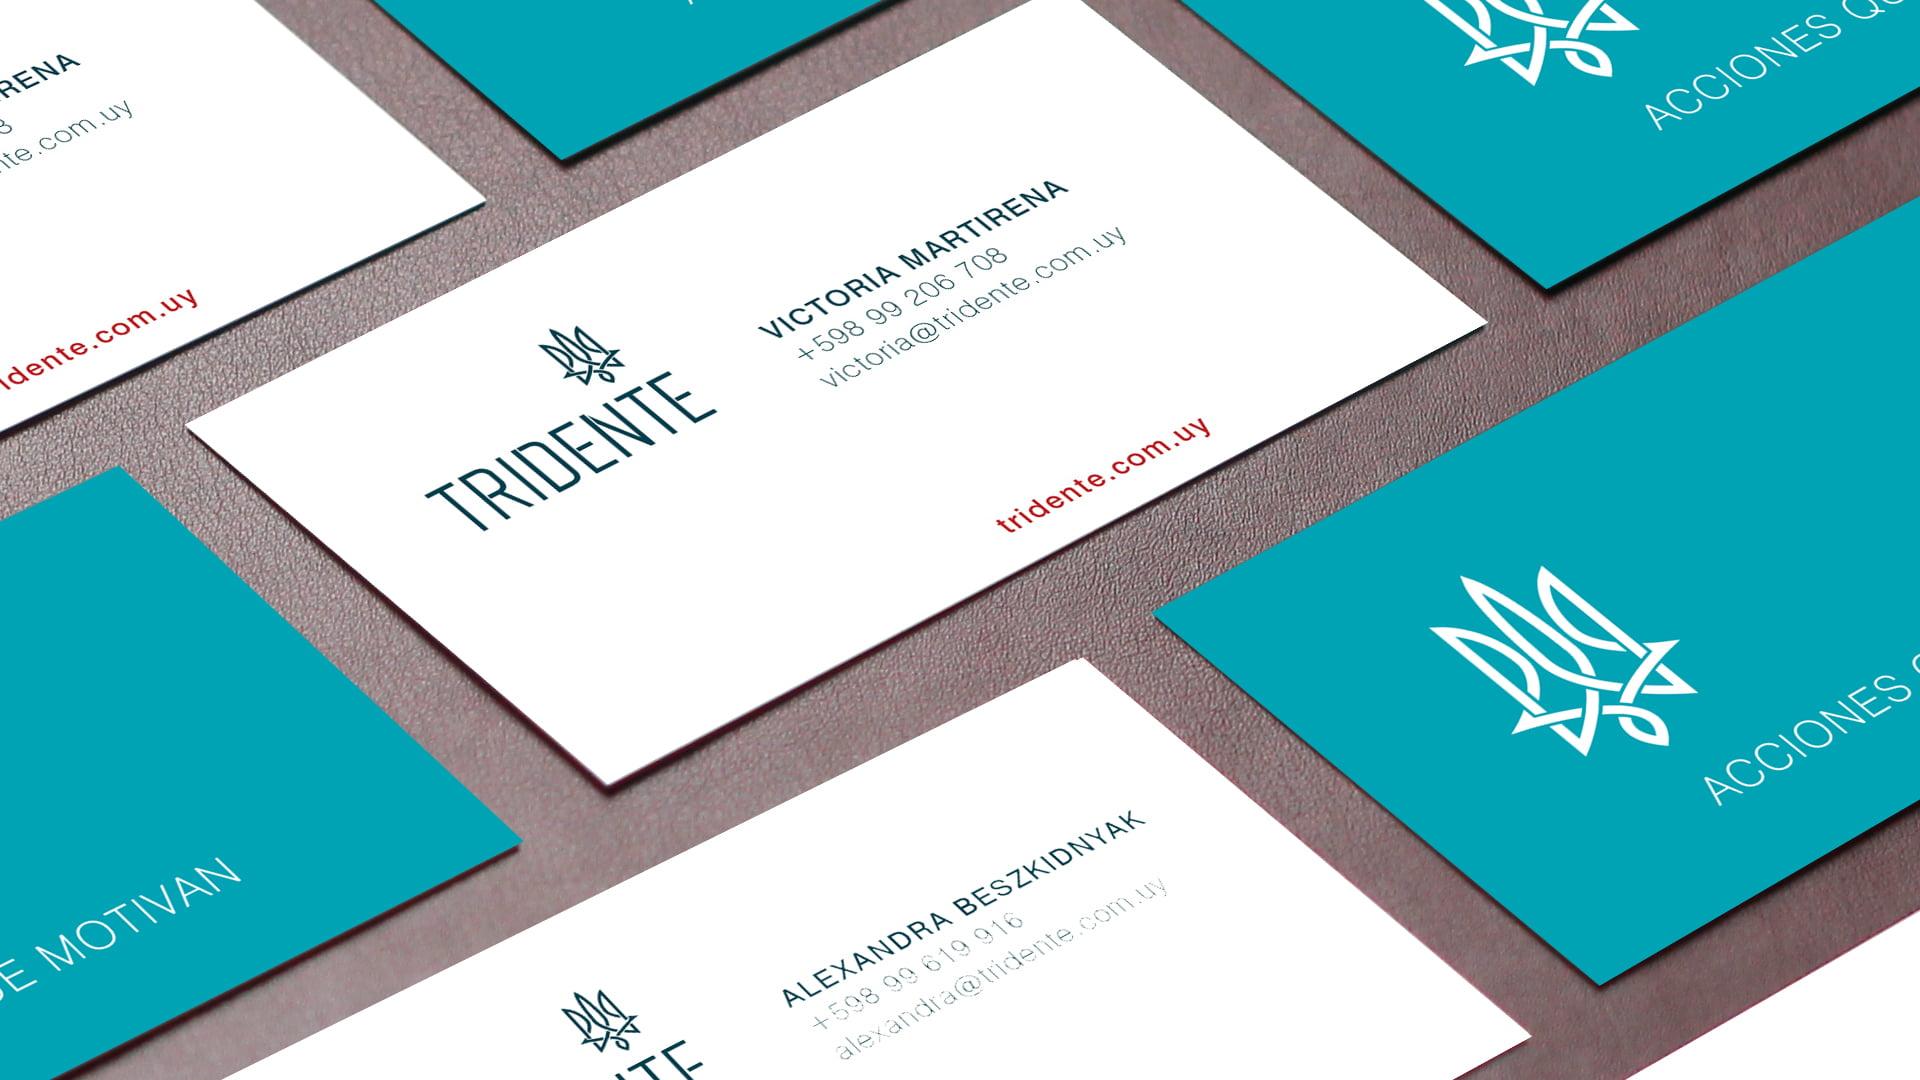 Cliente: TRIDENTE. Identidad visual, digital y comunicación